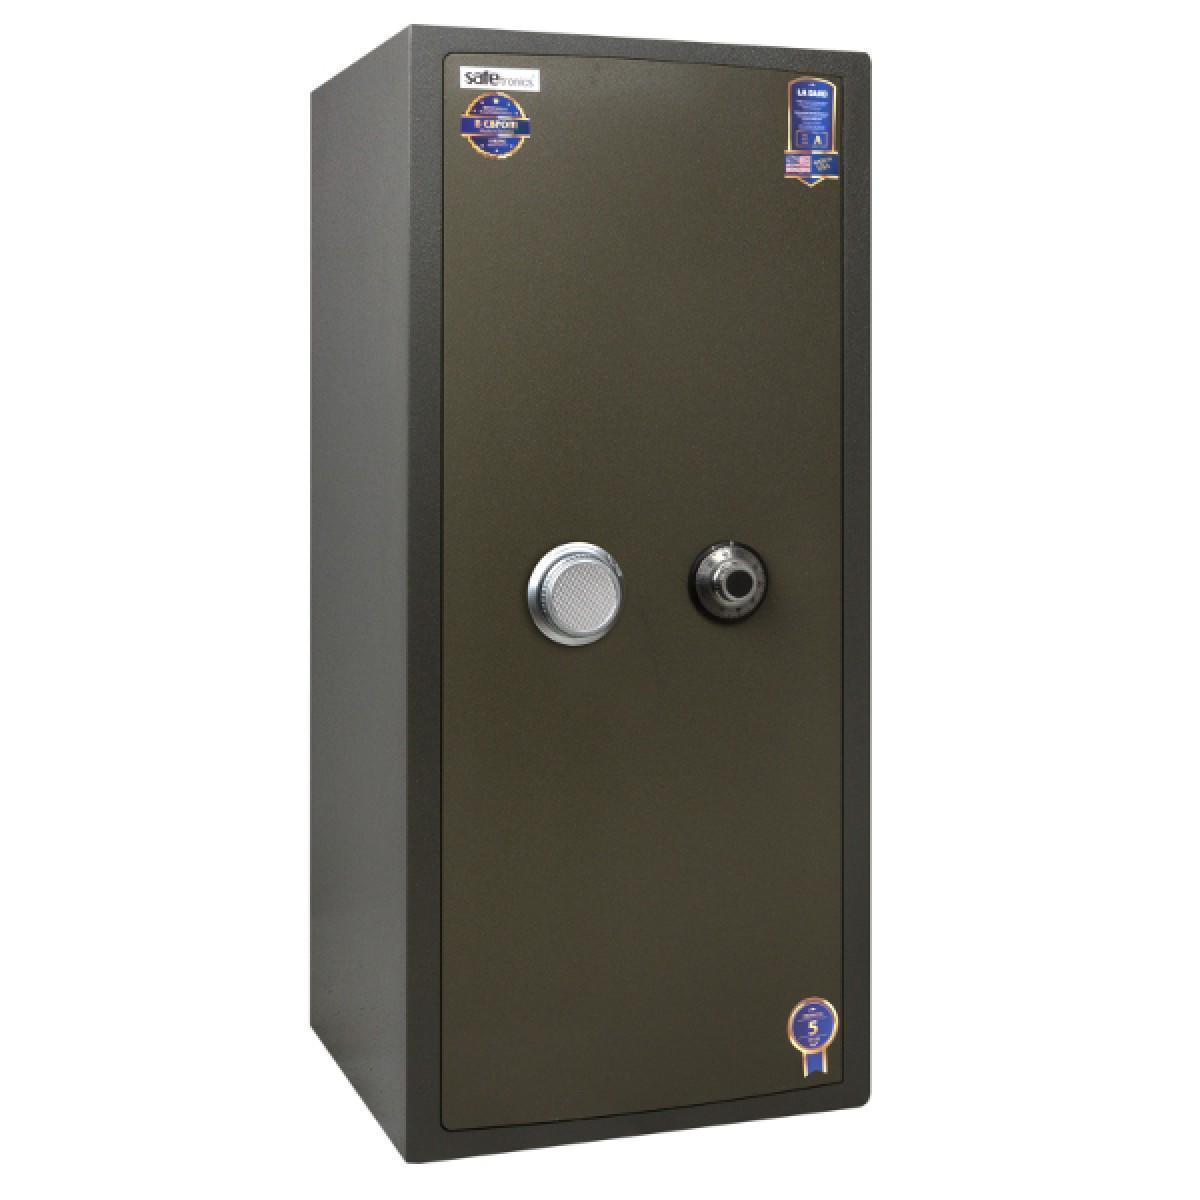 Взломостойкий сейф Safetronics NTR 100LG